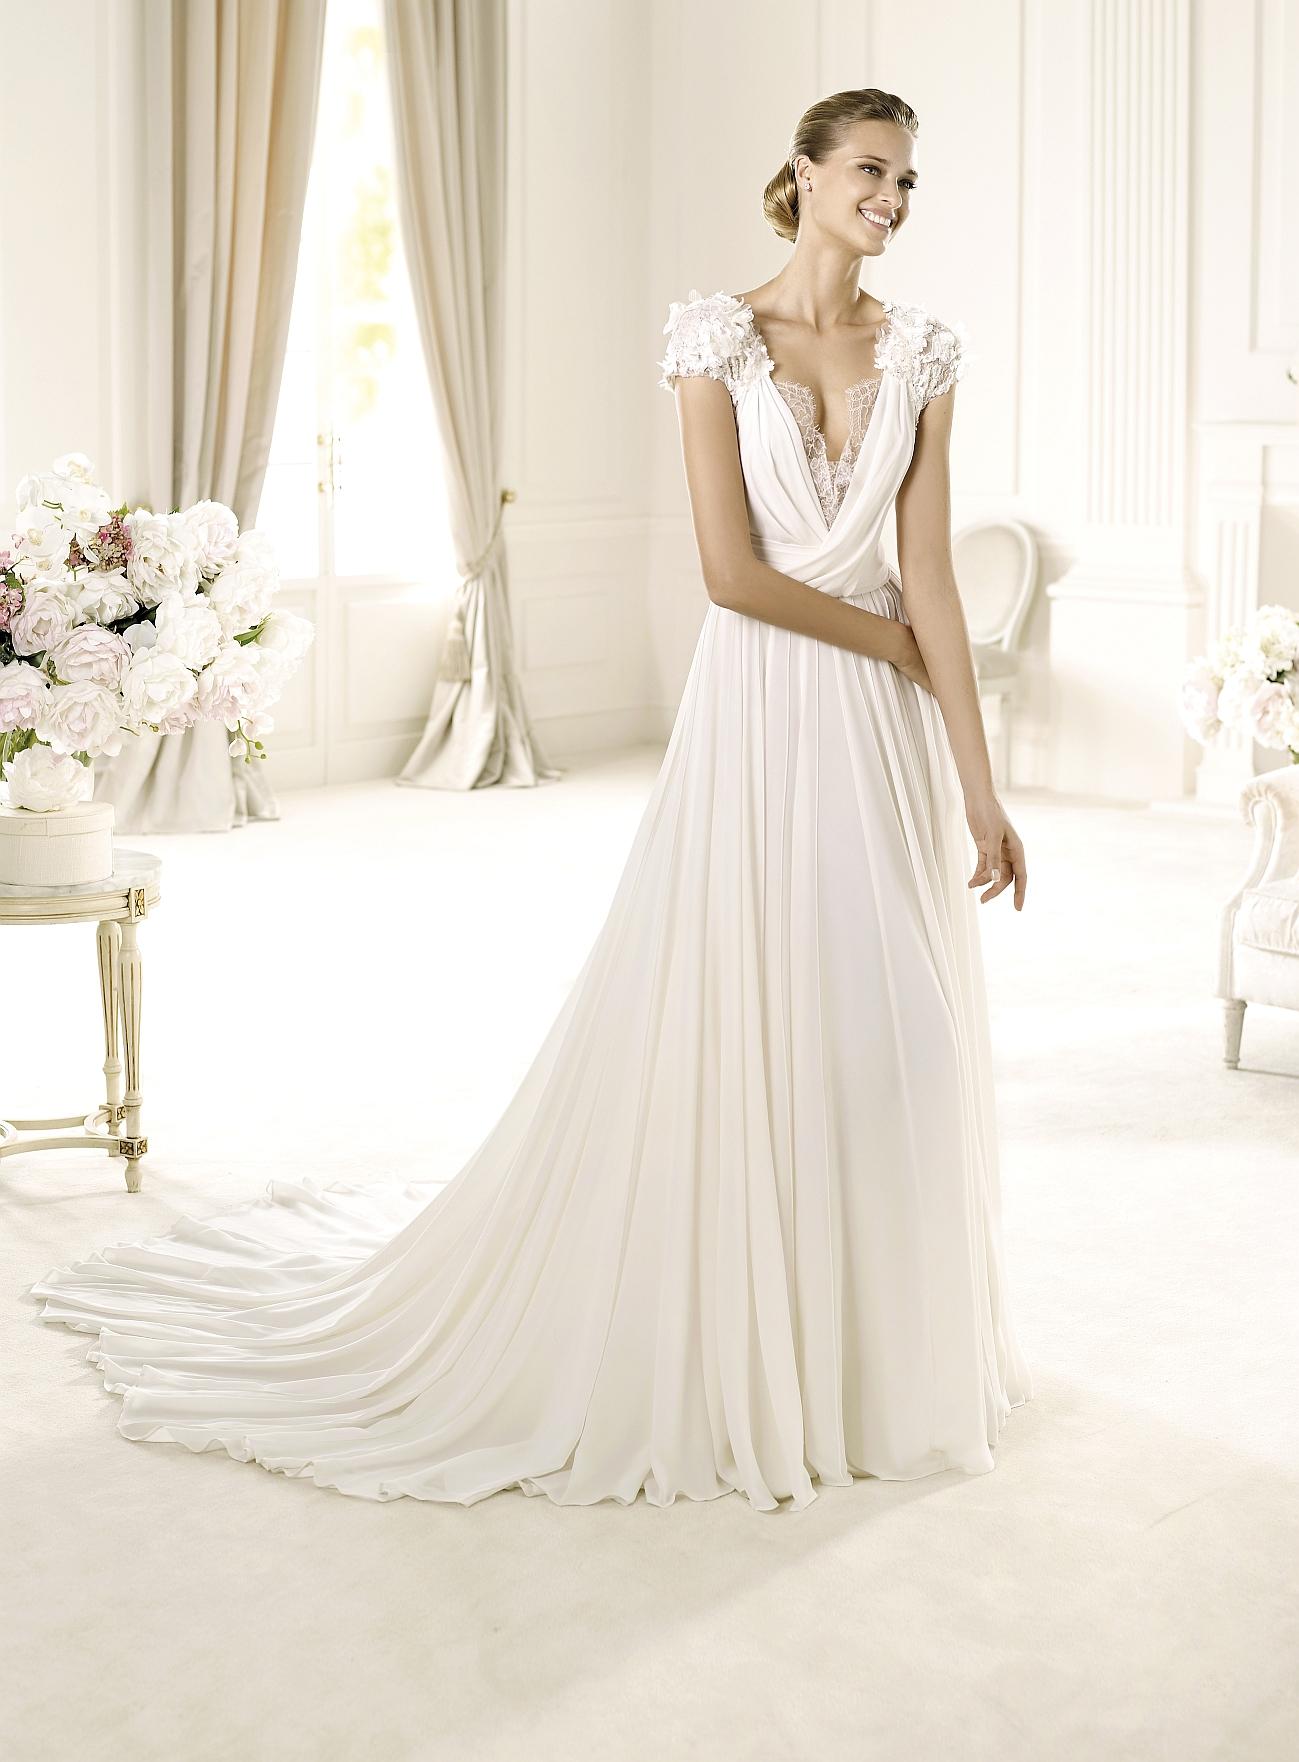 W Roli Głównej Suknia ślubna Jak Ją Dobrać Do Swojej Sylwetki